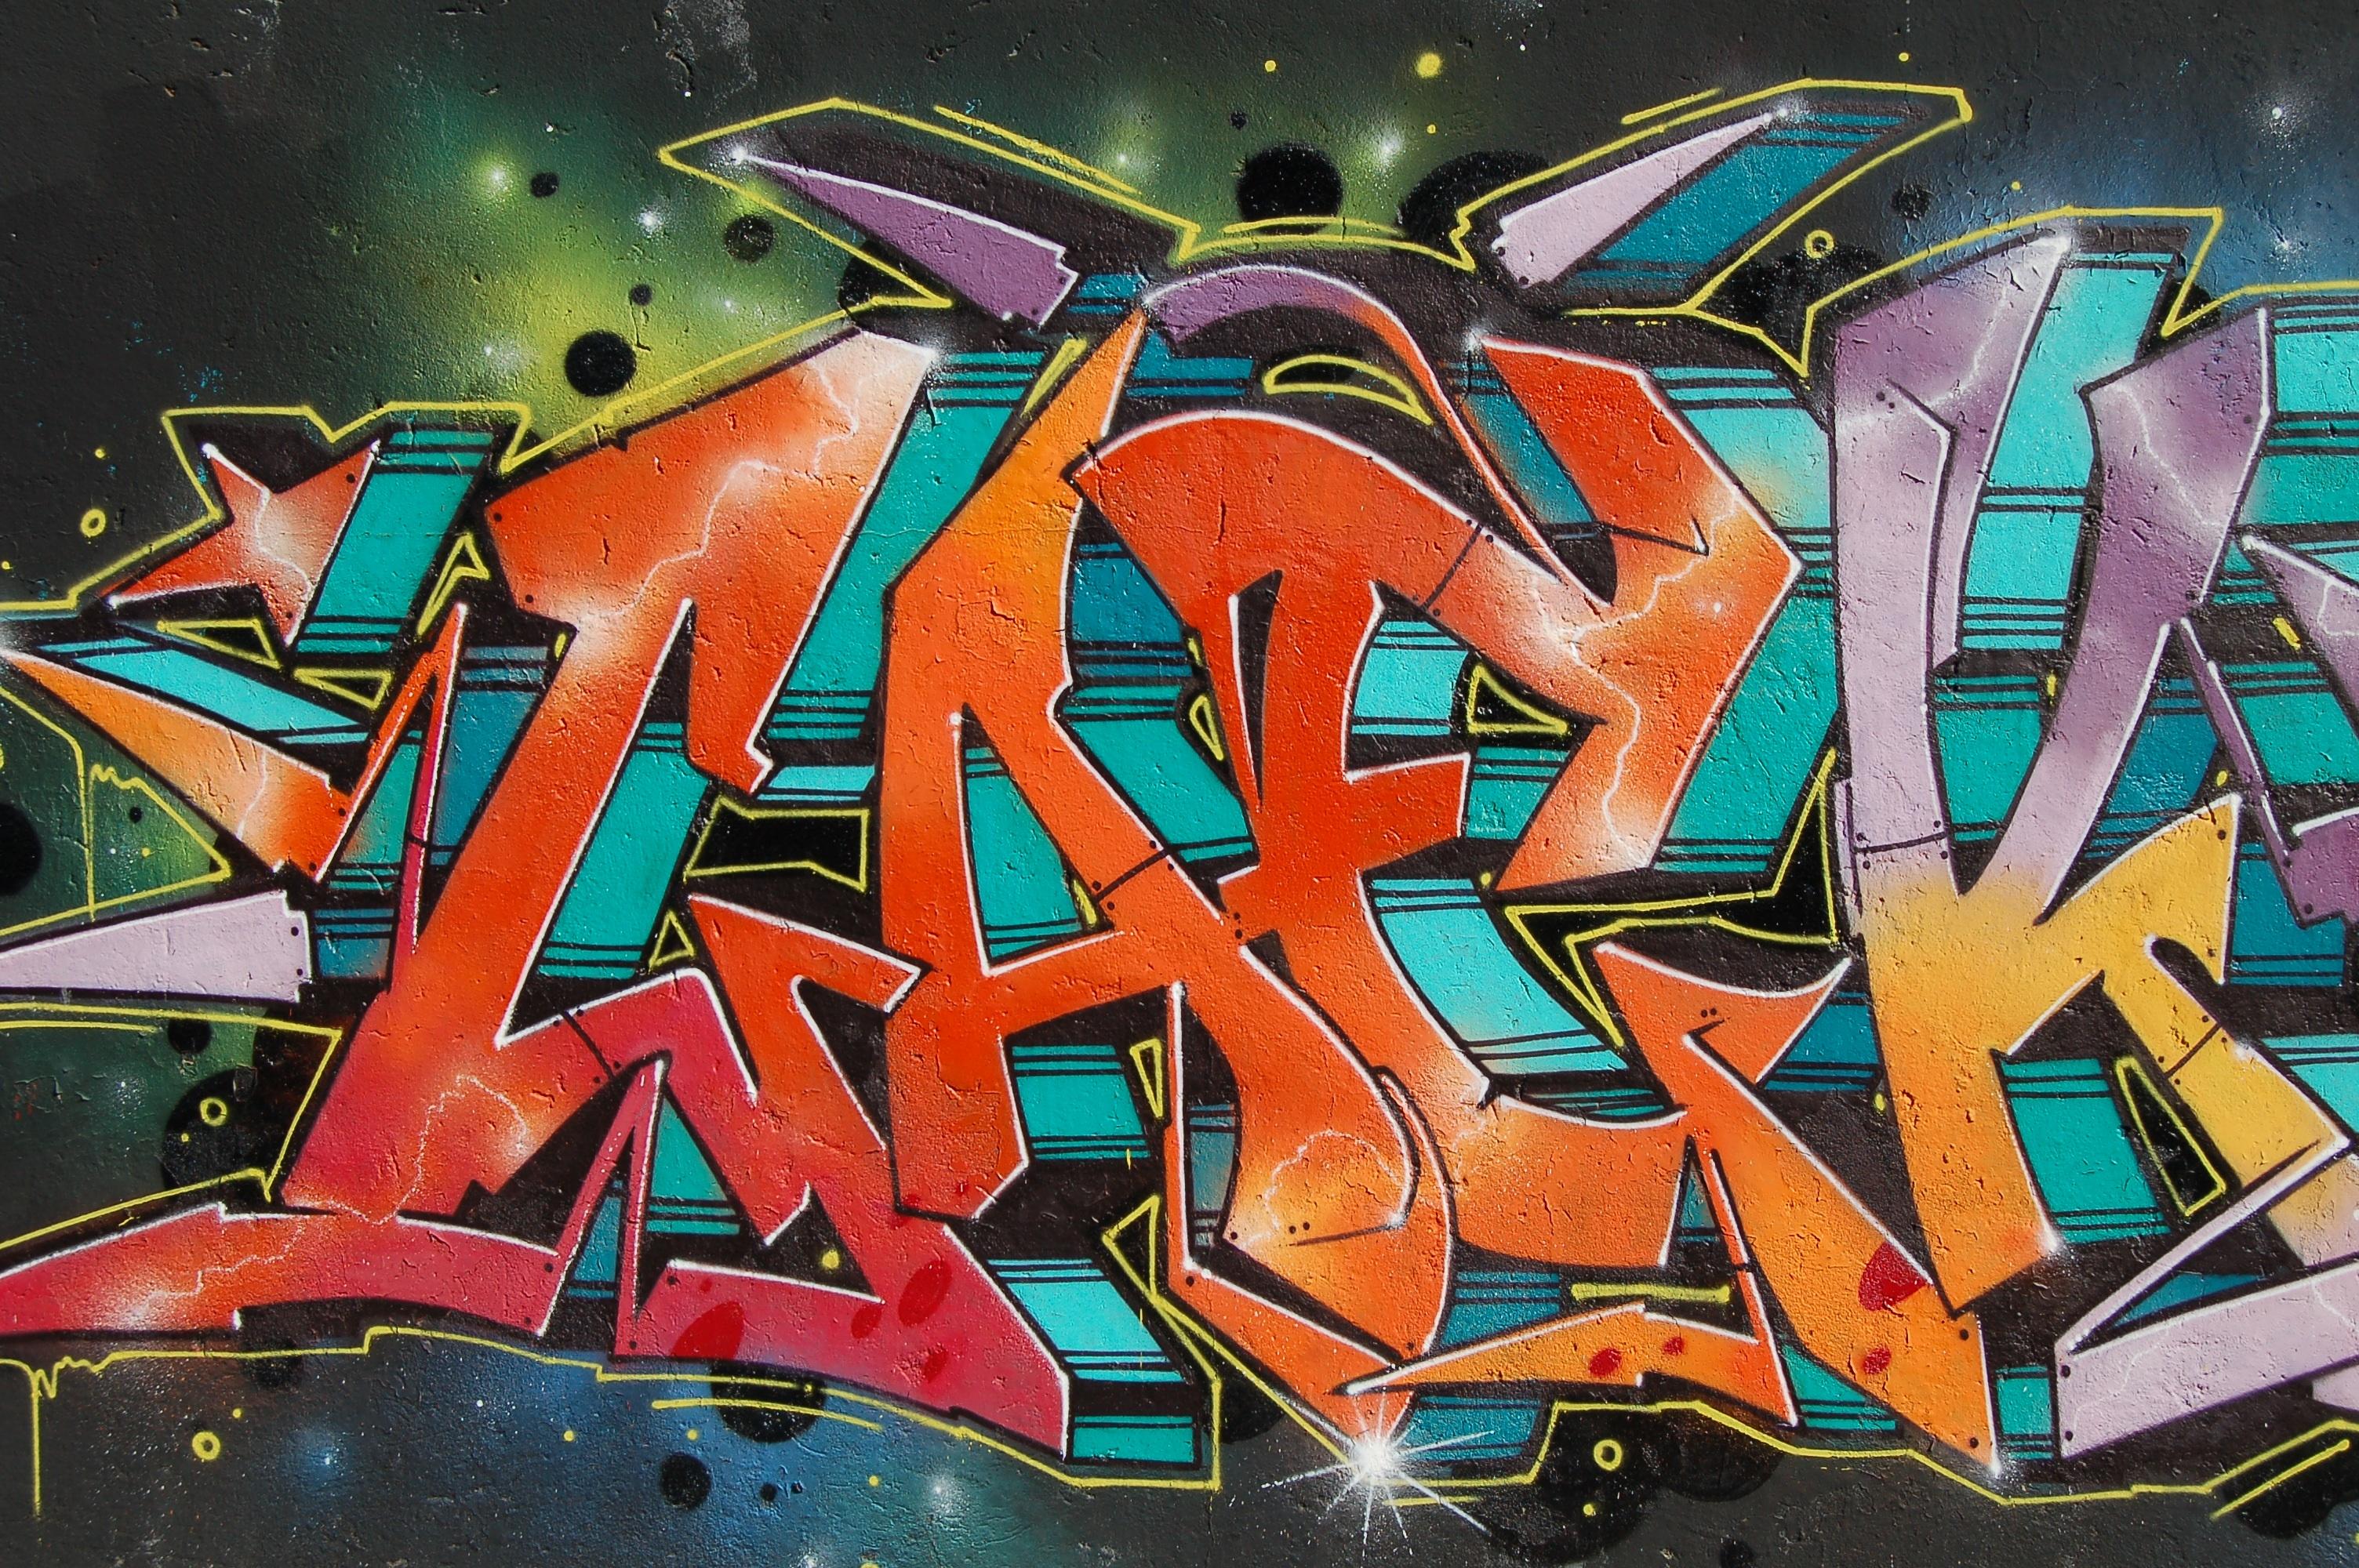 Смешная надежда, картинки с надписями графити